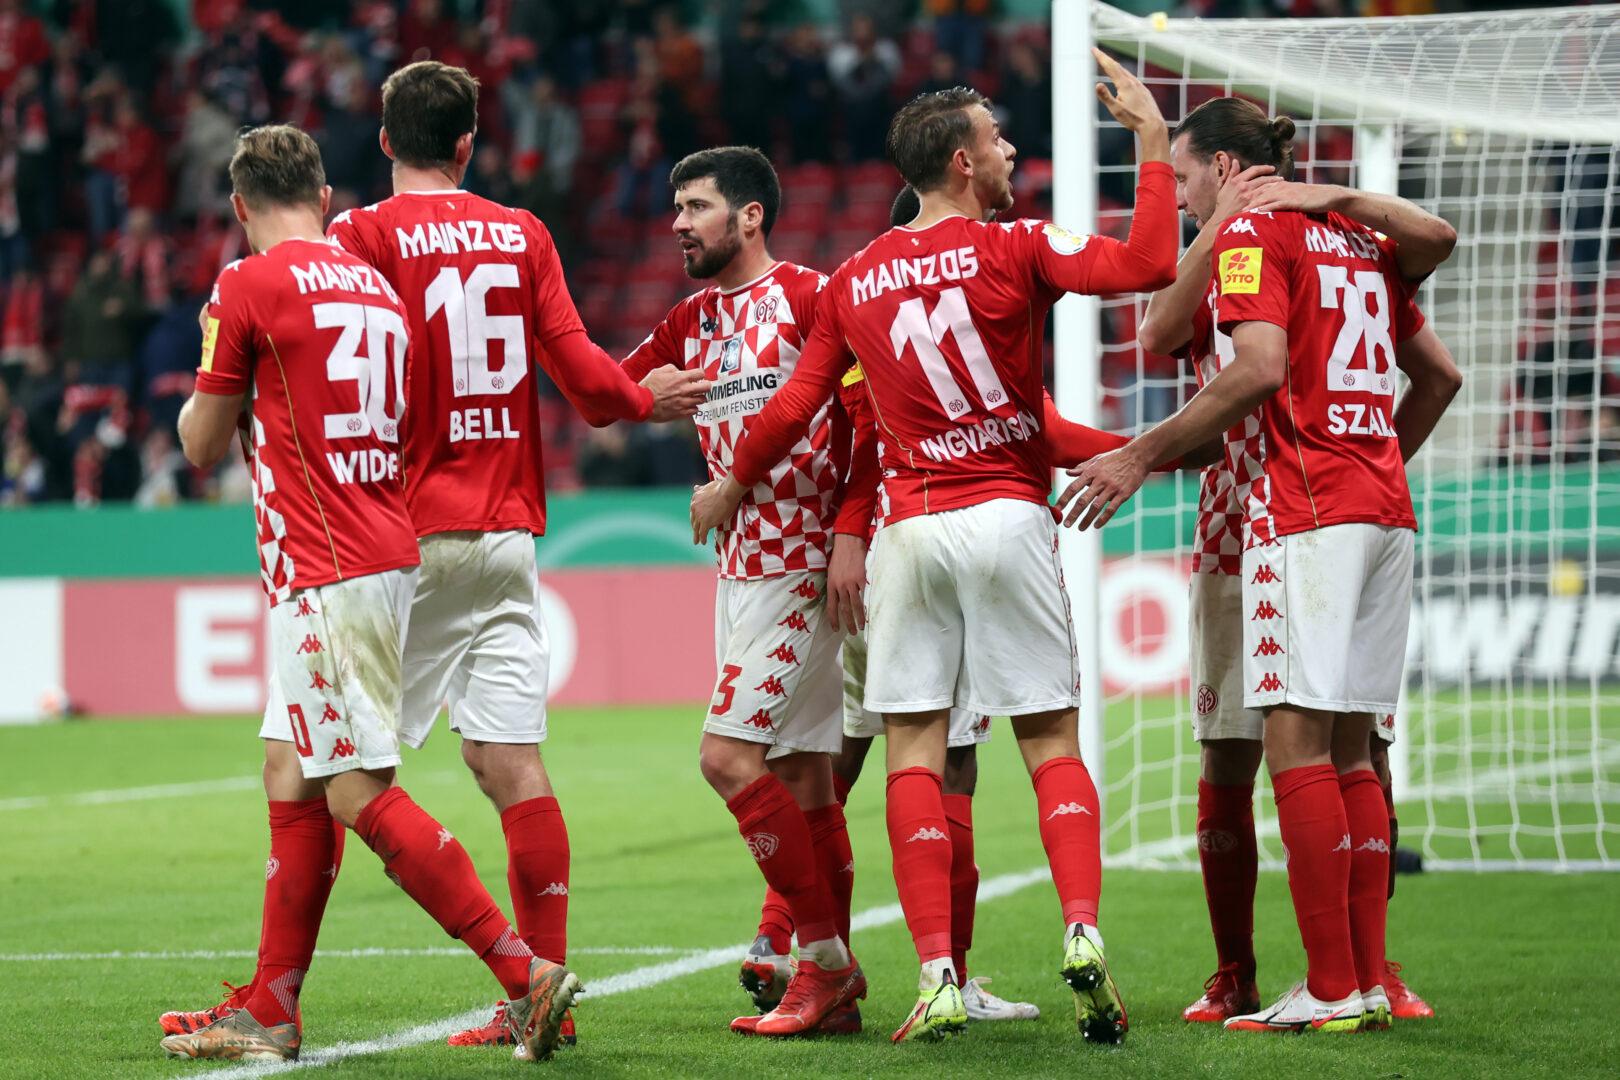 DFB-Pokal: Mainz weiter, Freiburg und HSV jubeln nach dem Elfmeterschießen